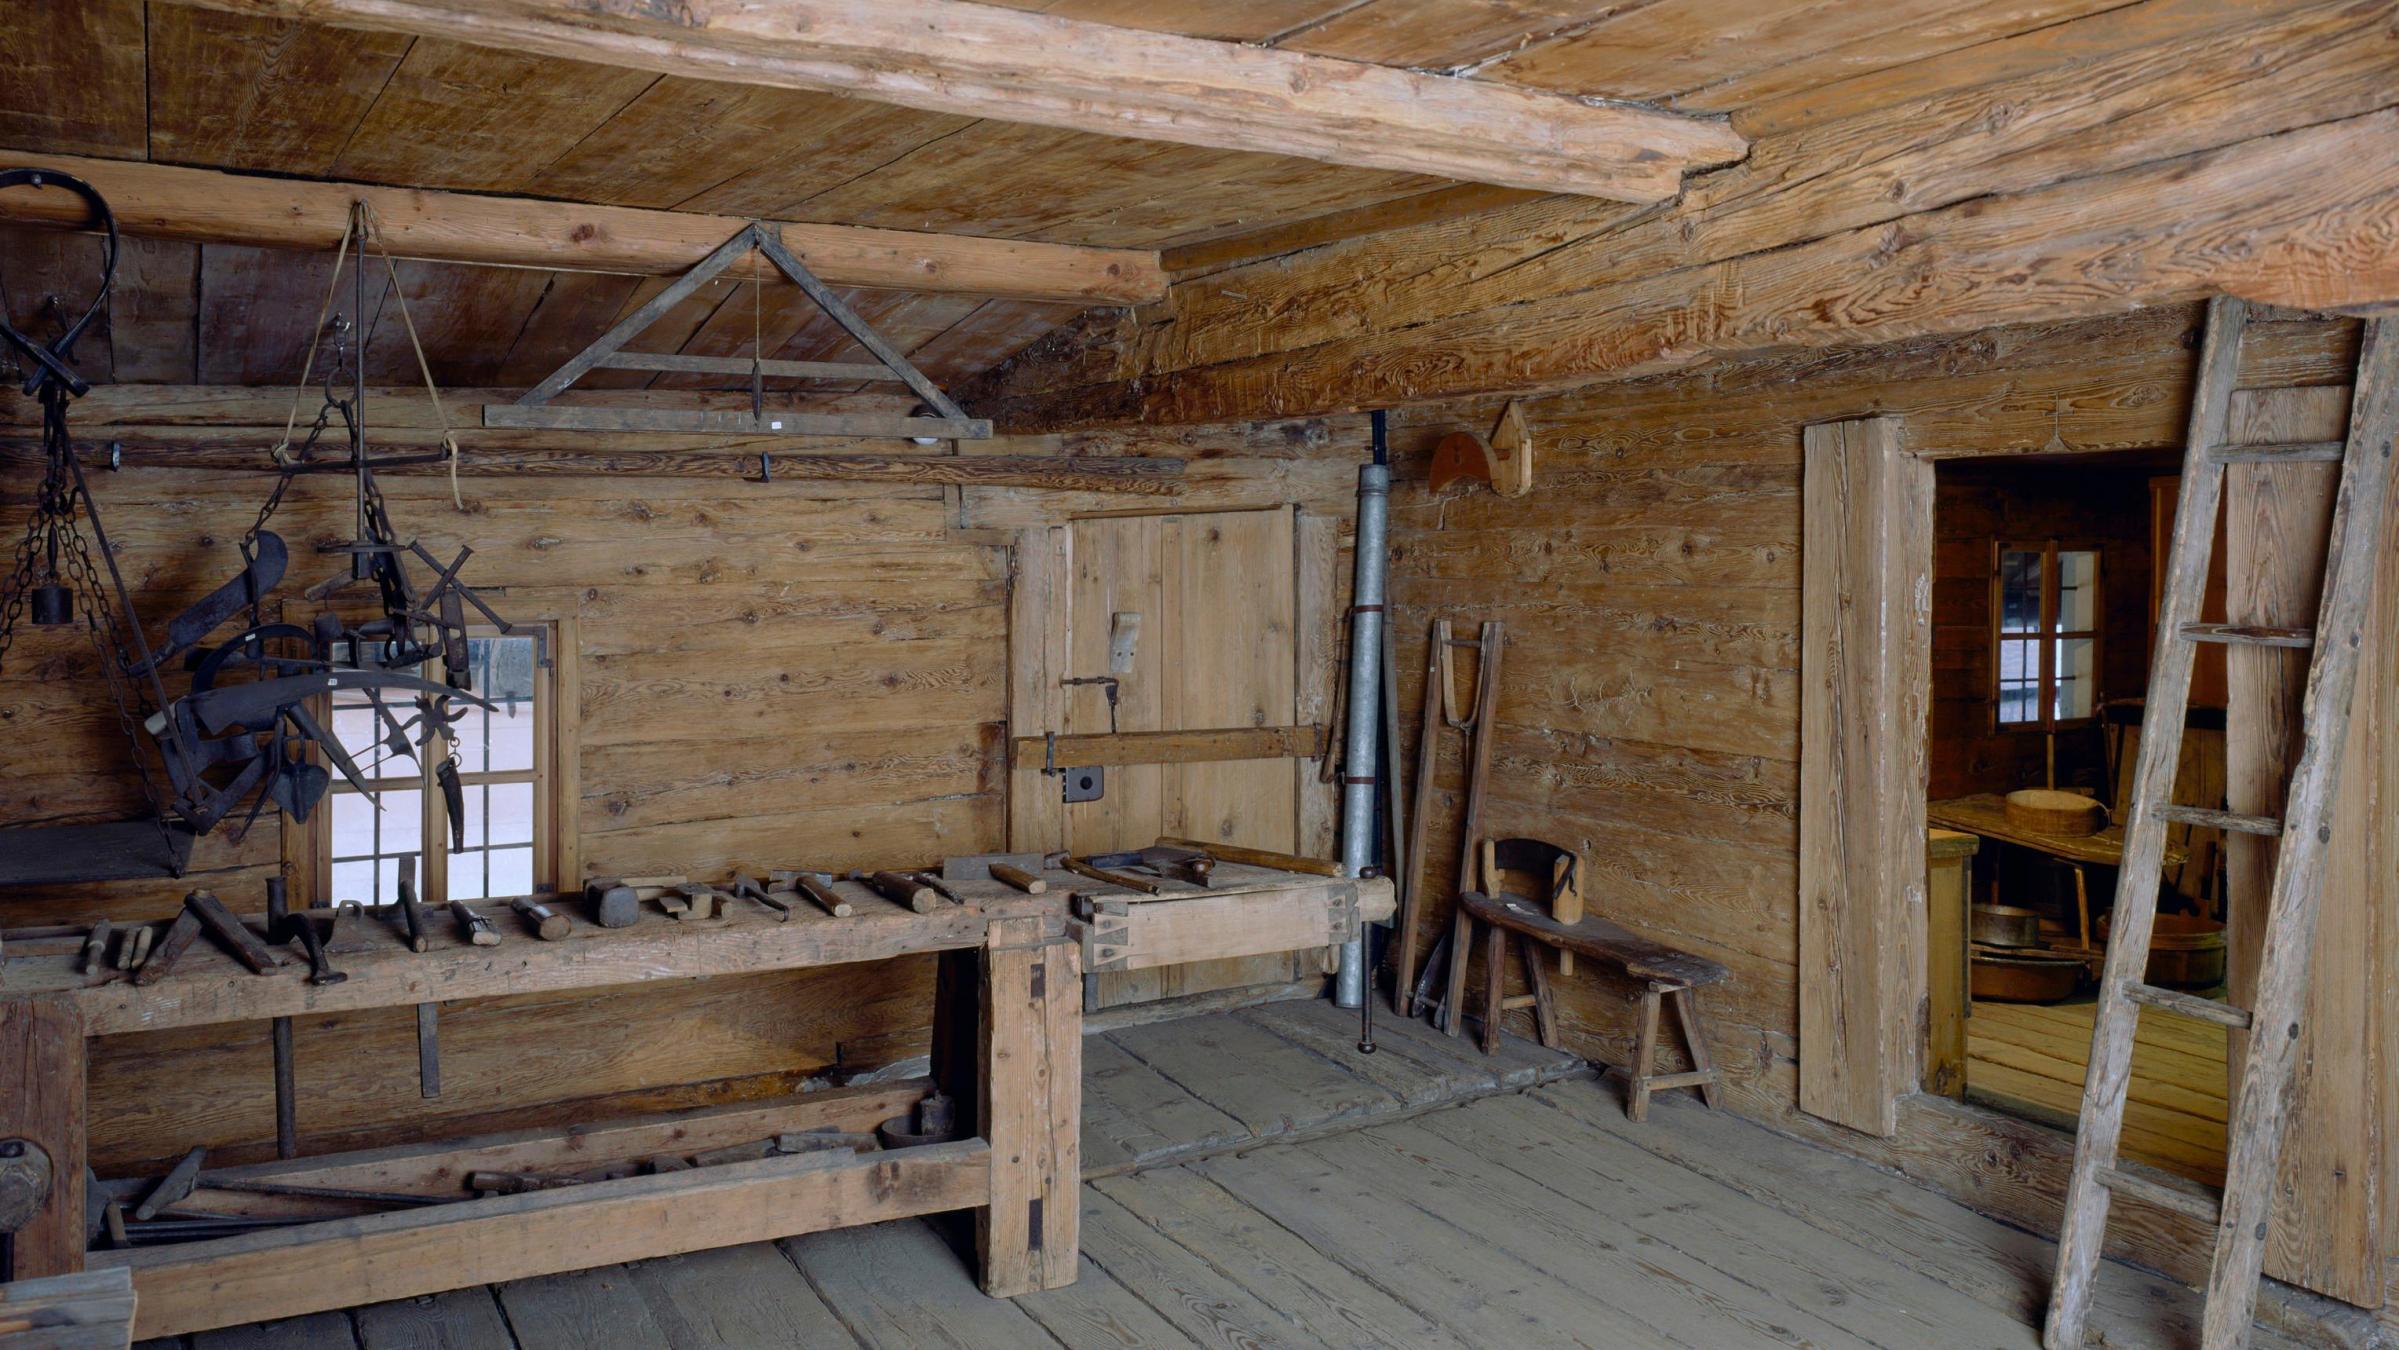 Ingresso alla Casa walser: la vita come 500 anni fa